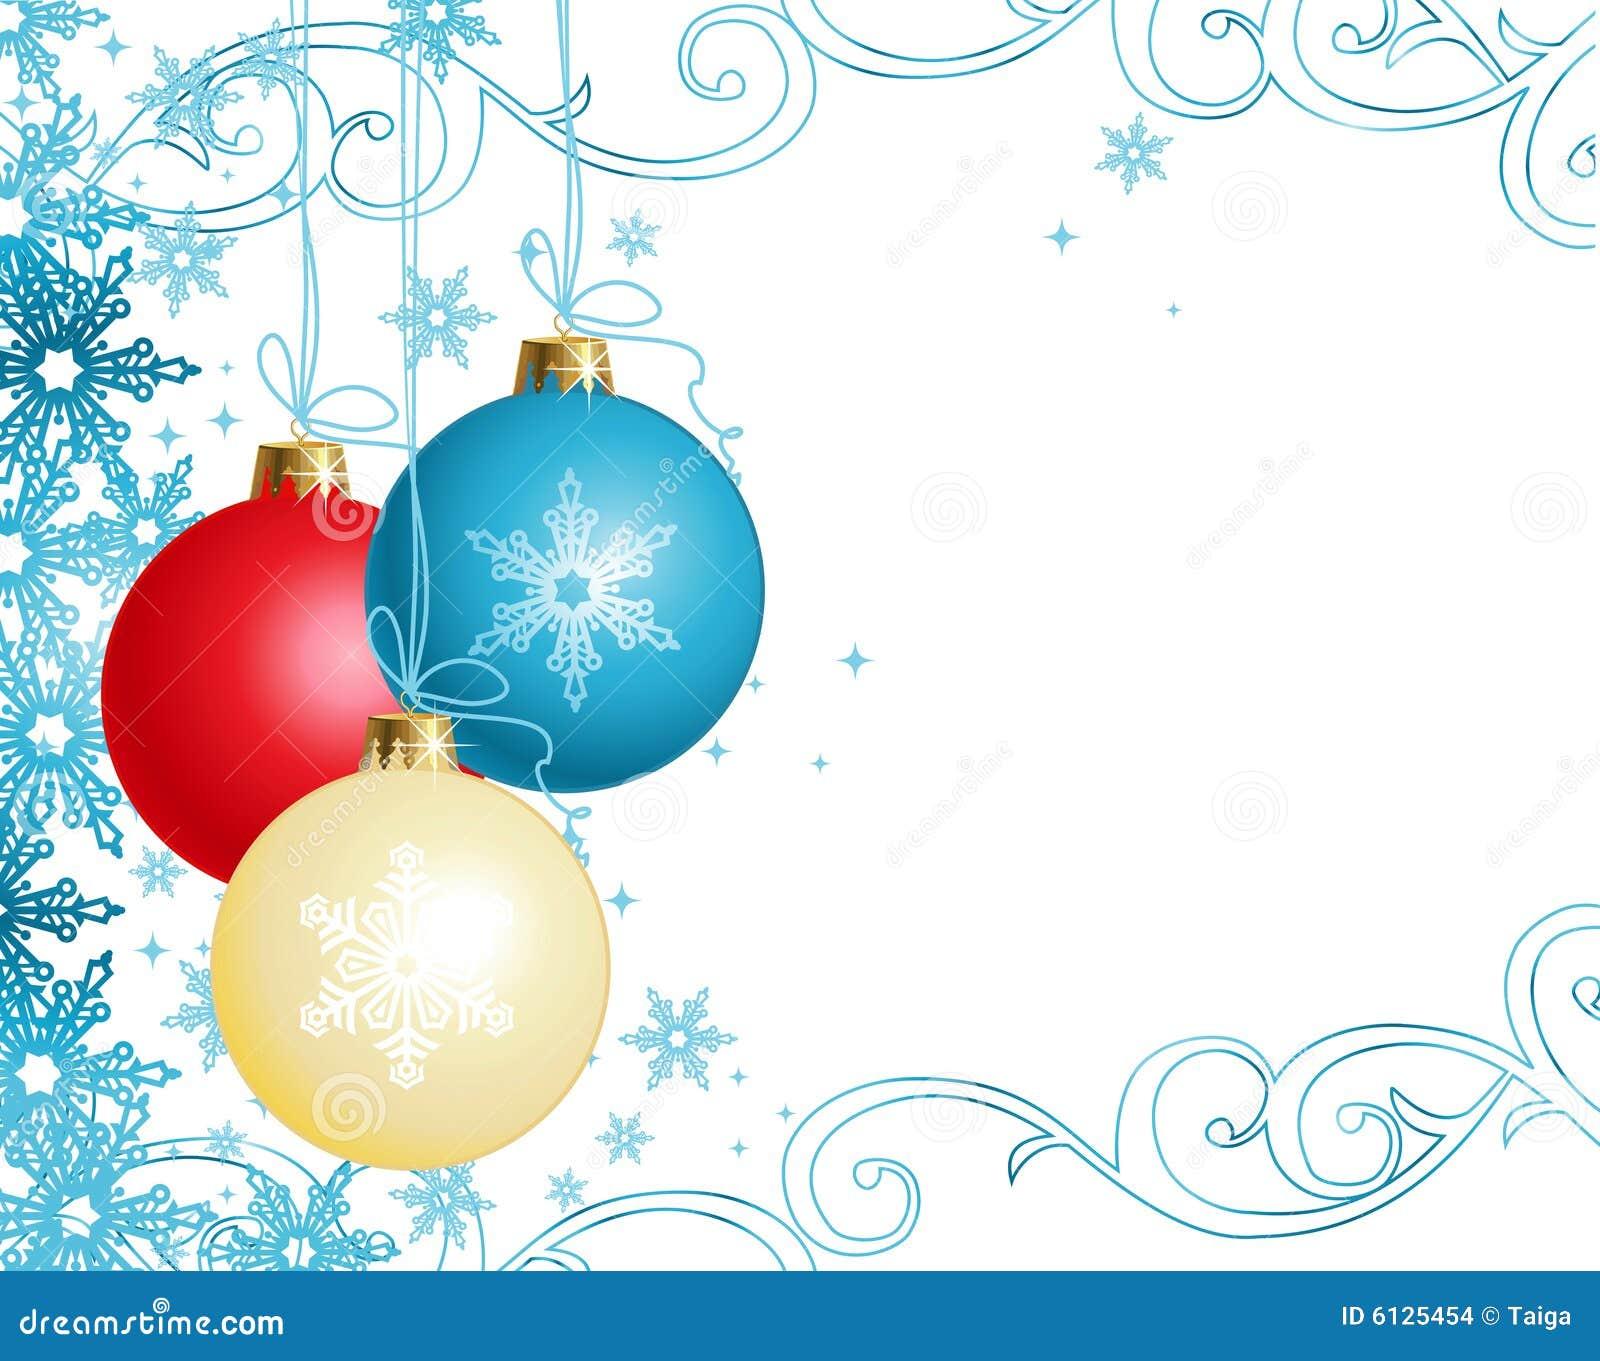 Położenie ozdoby świąteczne